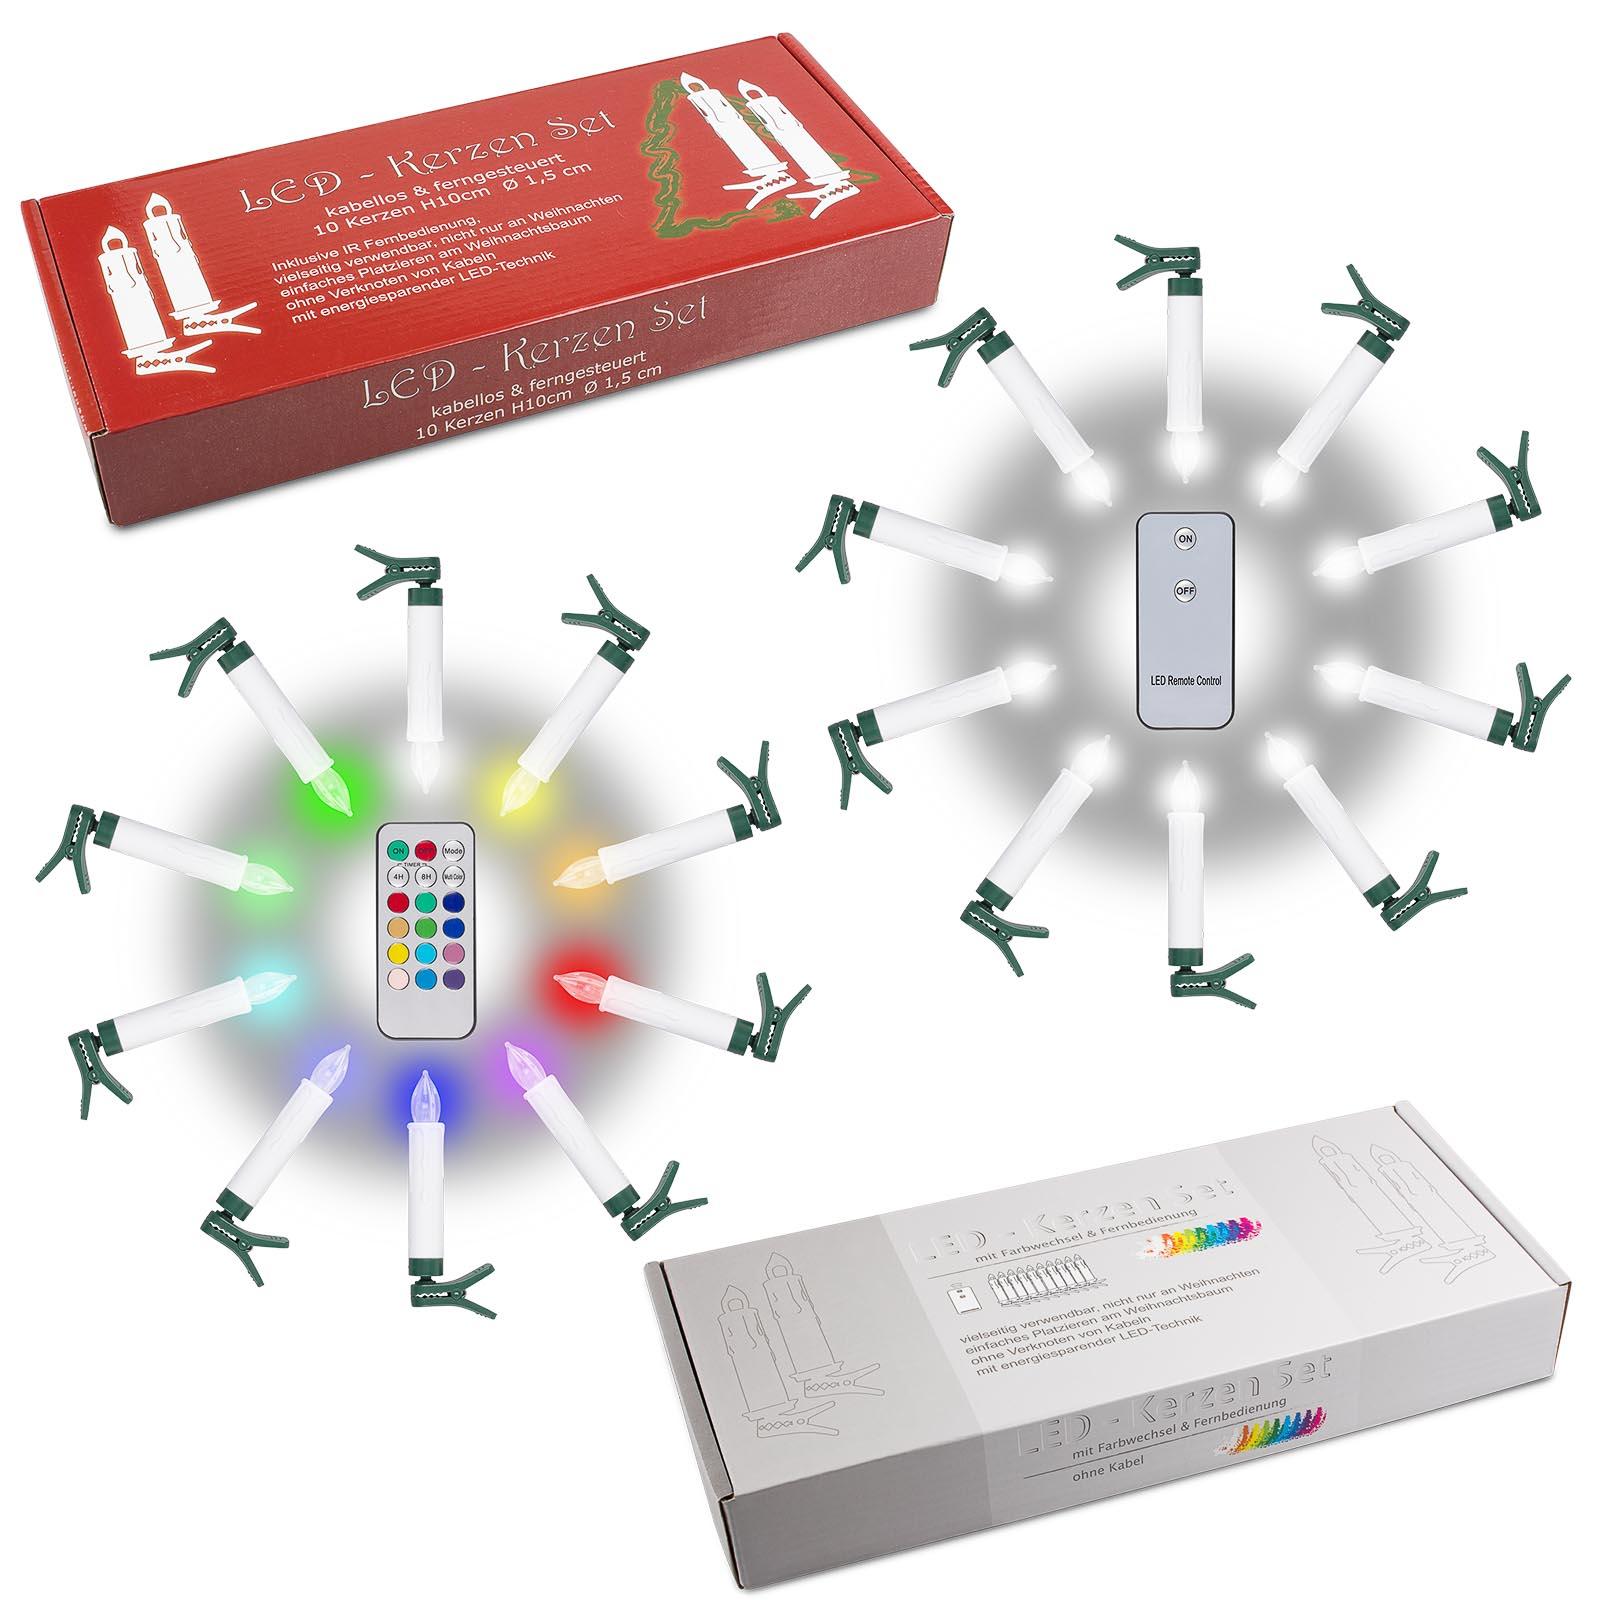 LED-Kerzen_bunt_und_weiss Wunderschöne Led Lichterkette Kabellos Mit Fernbedienung Dekorationen